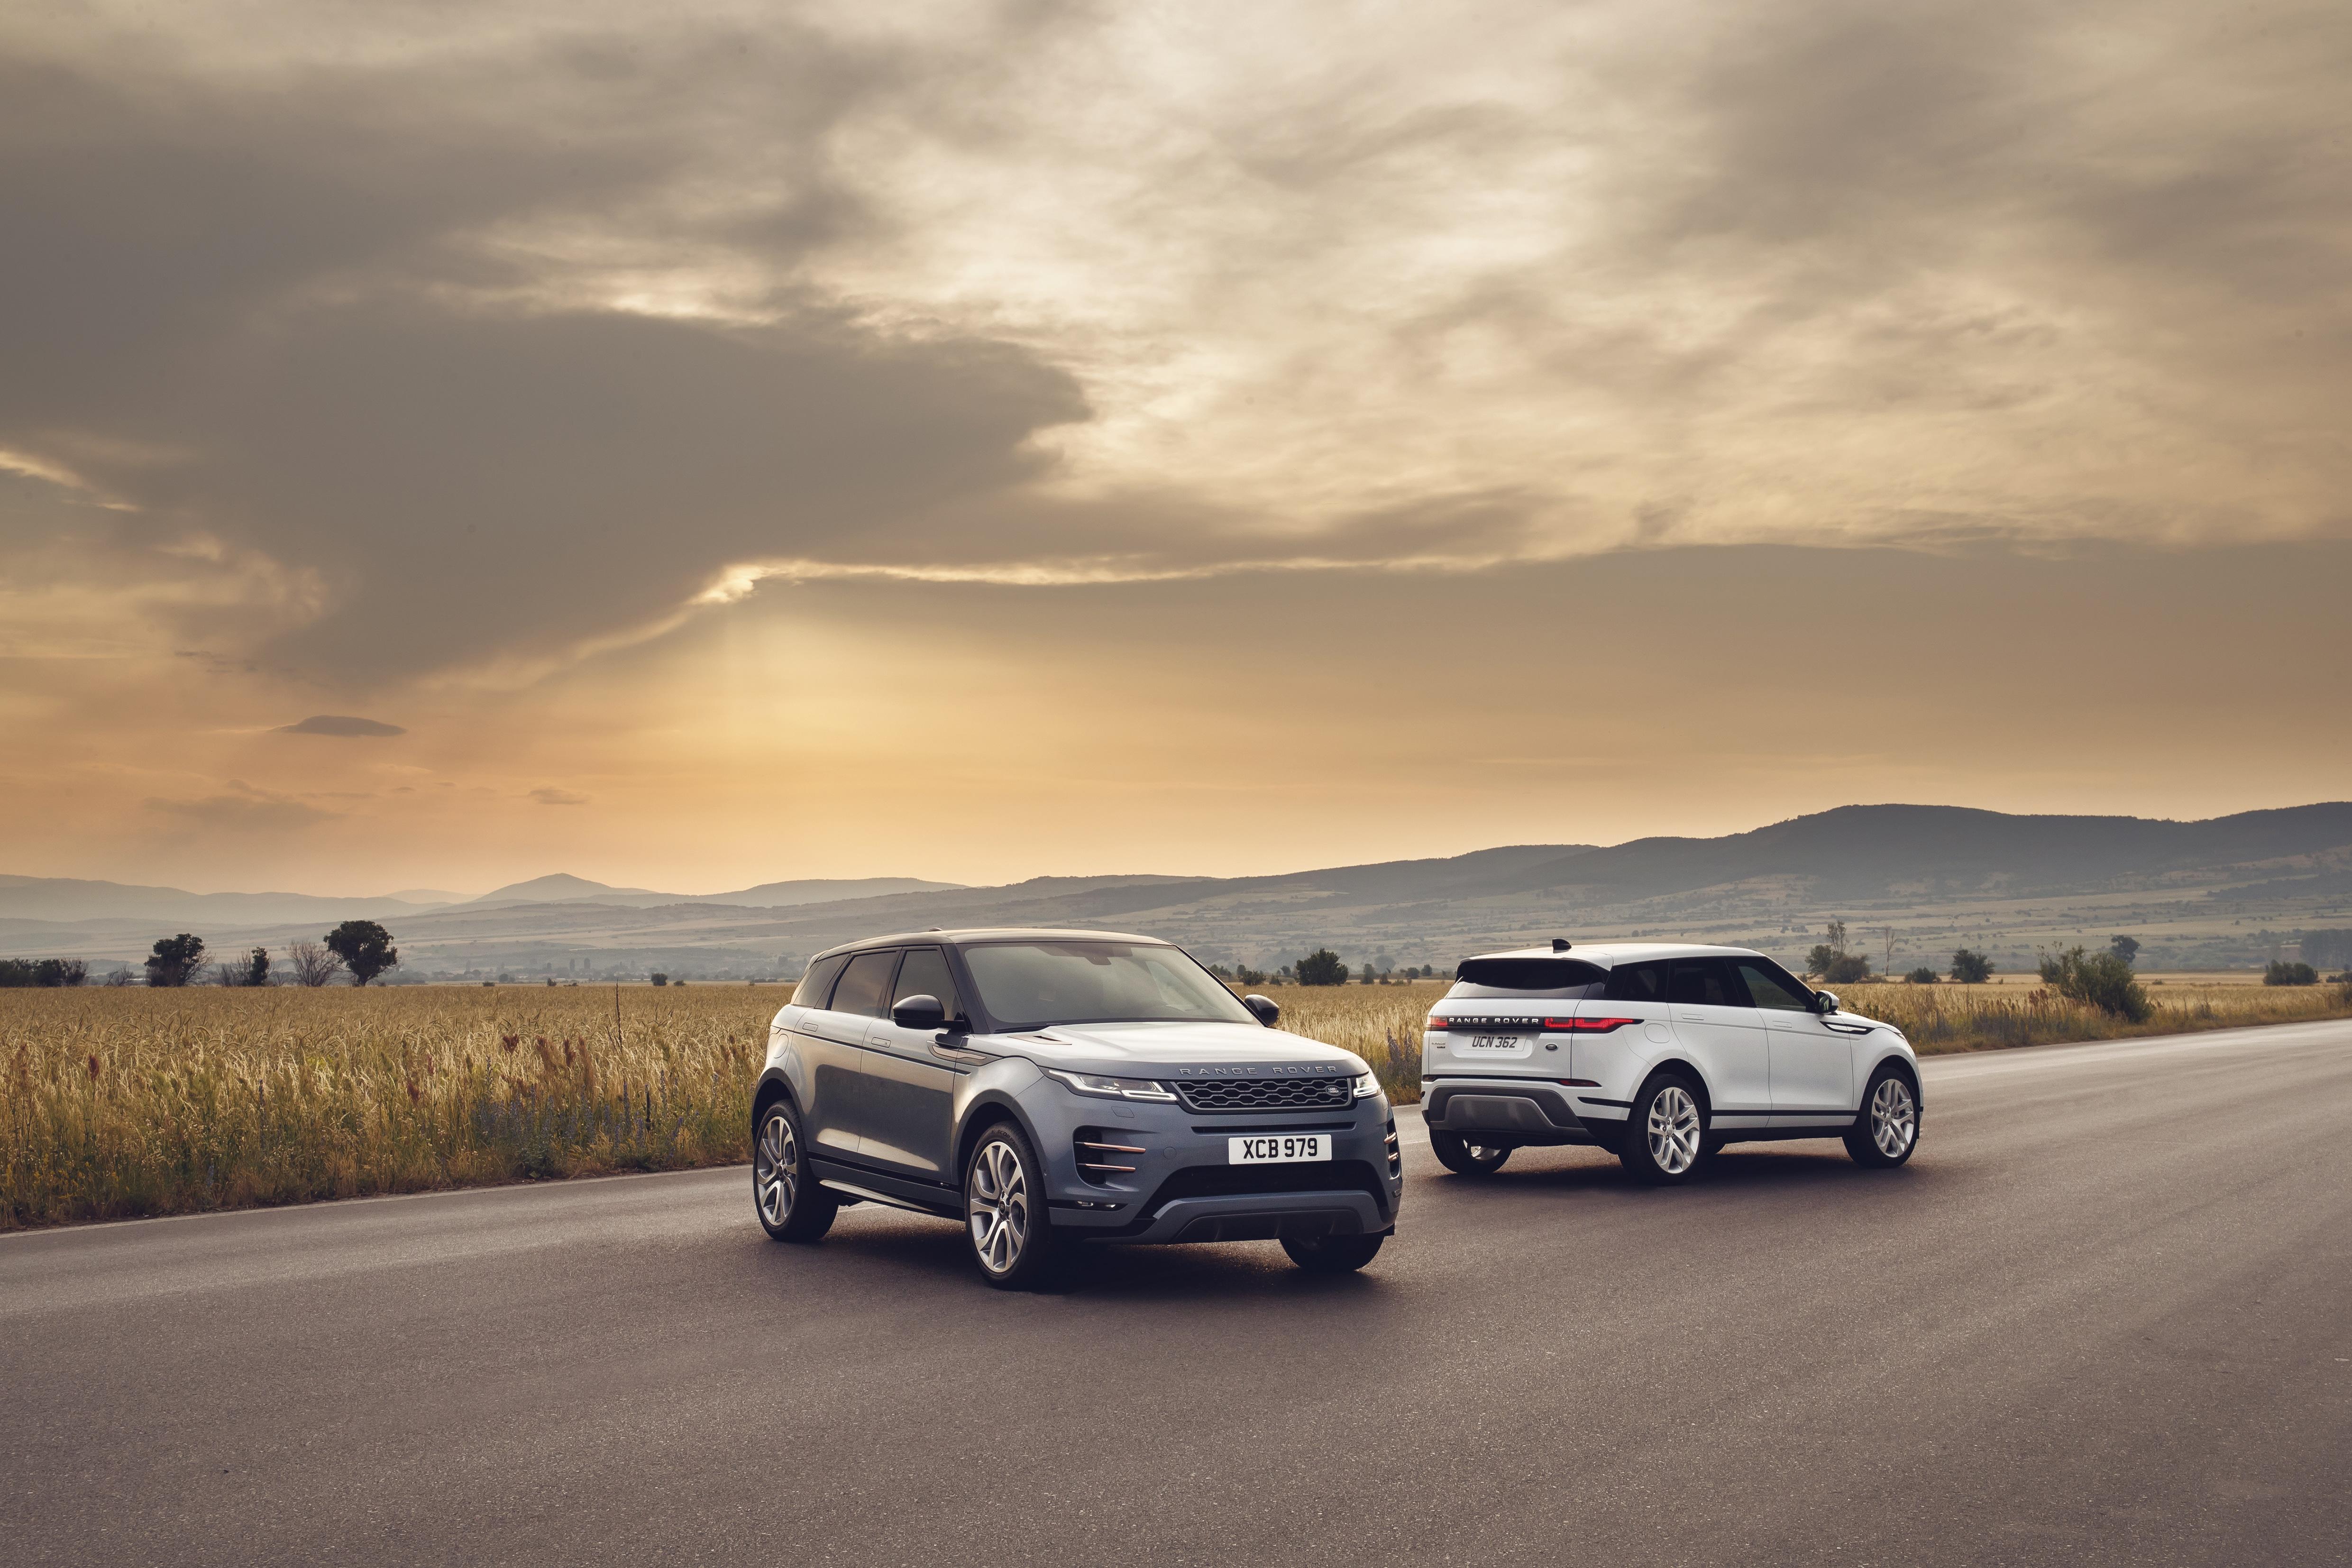 range rover evoque range rover evoque Range Rover Evoque: un suv di lusso per viaggiare in città rr evq 20my static nd 221118 08